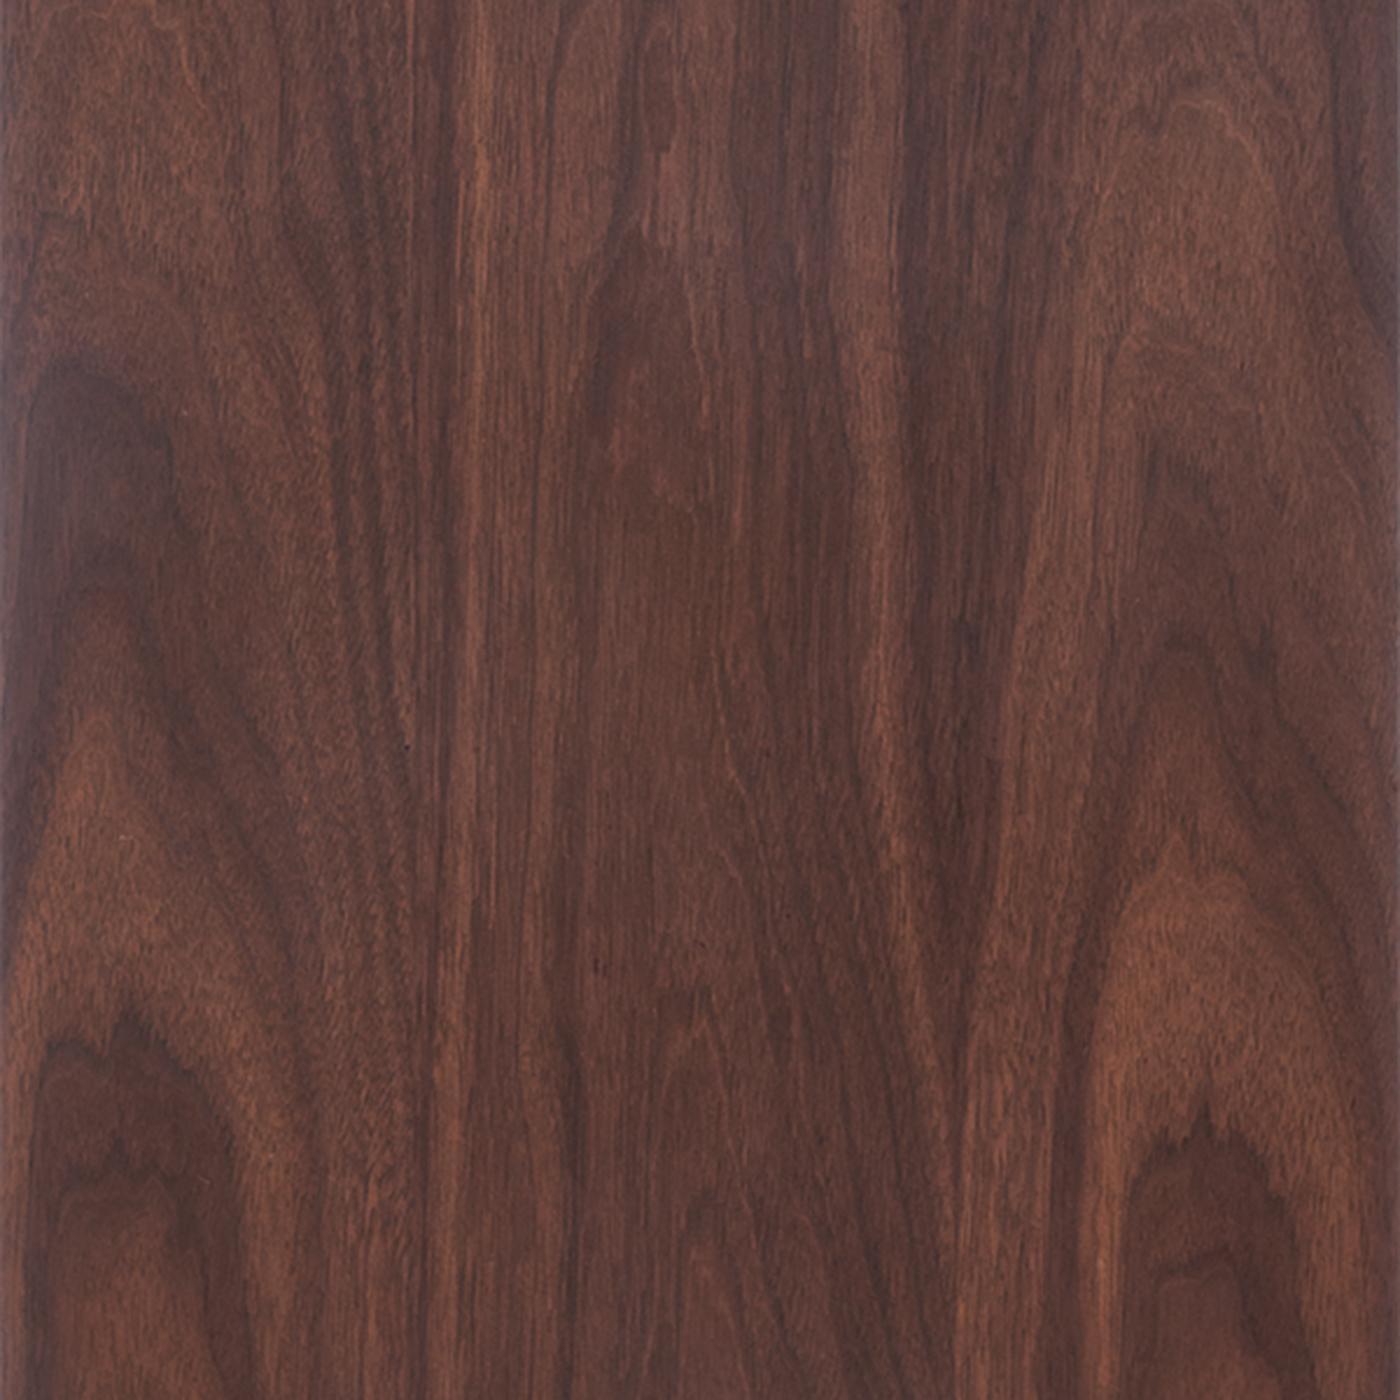 Bois exotique Noyer brun